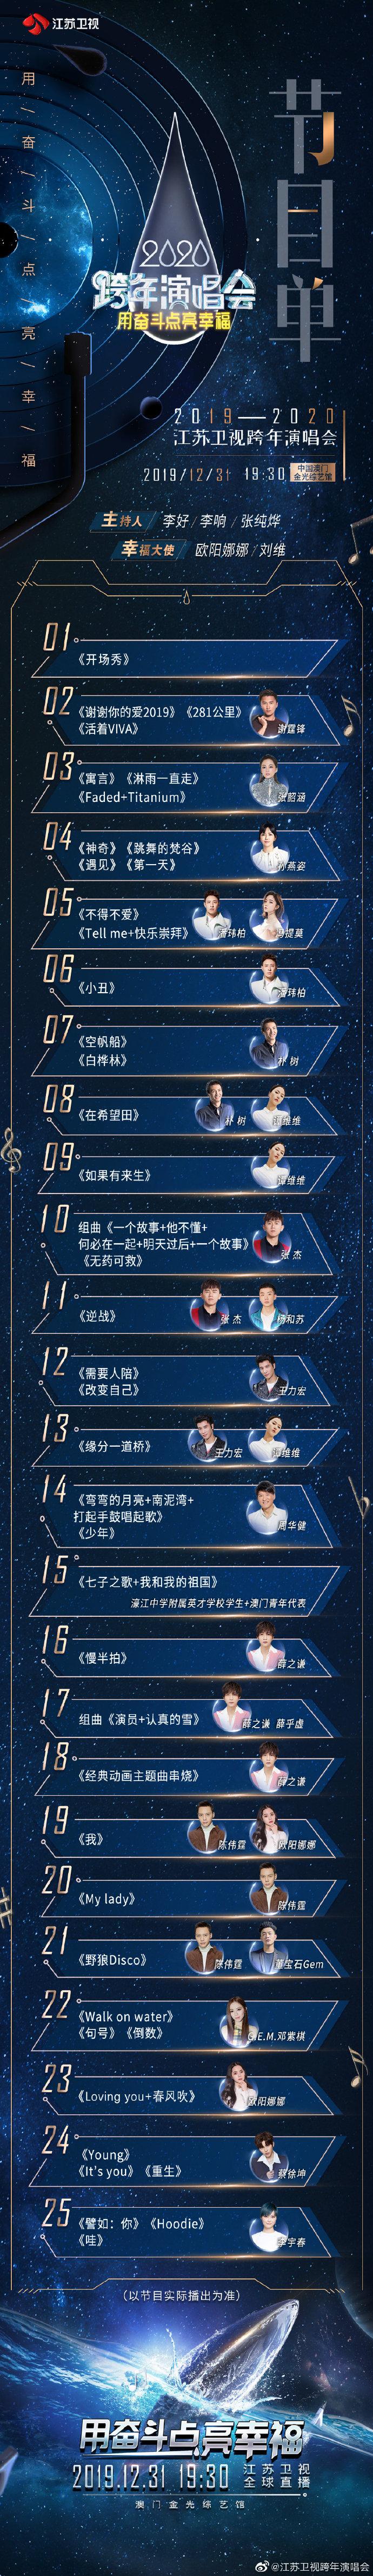 2020江蘇衛視跨年晚會節目單 江蘇衛視跨年明星陣容節目安排